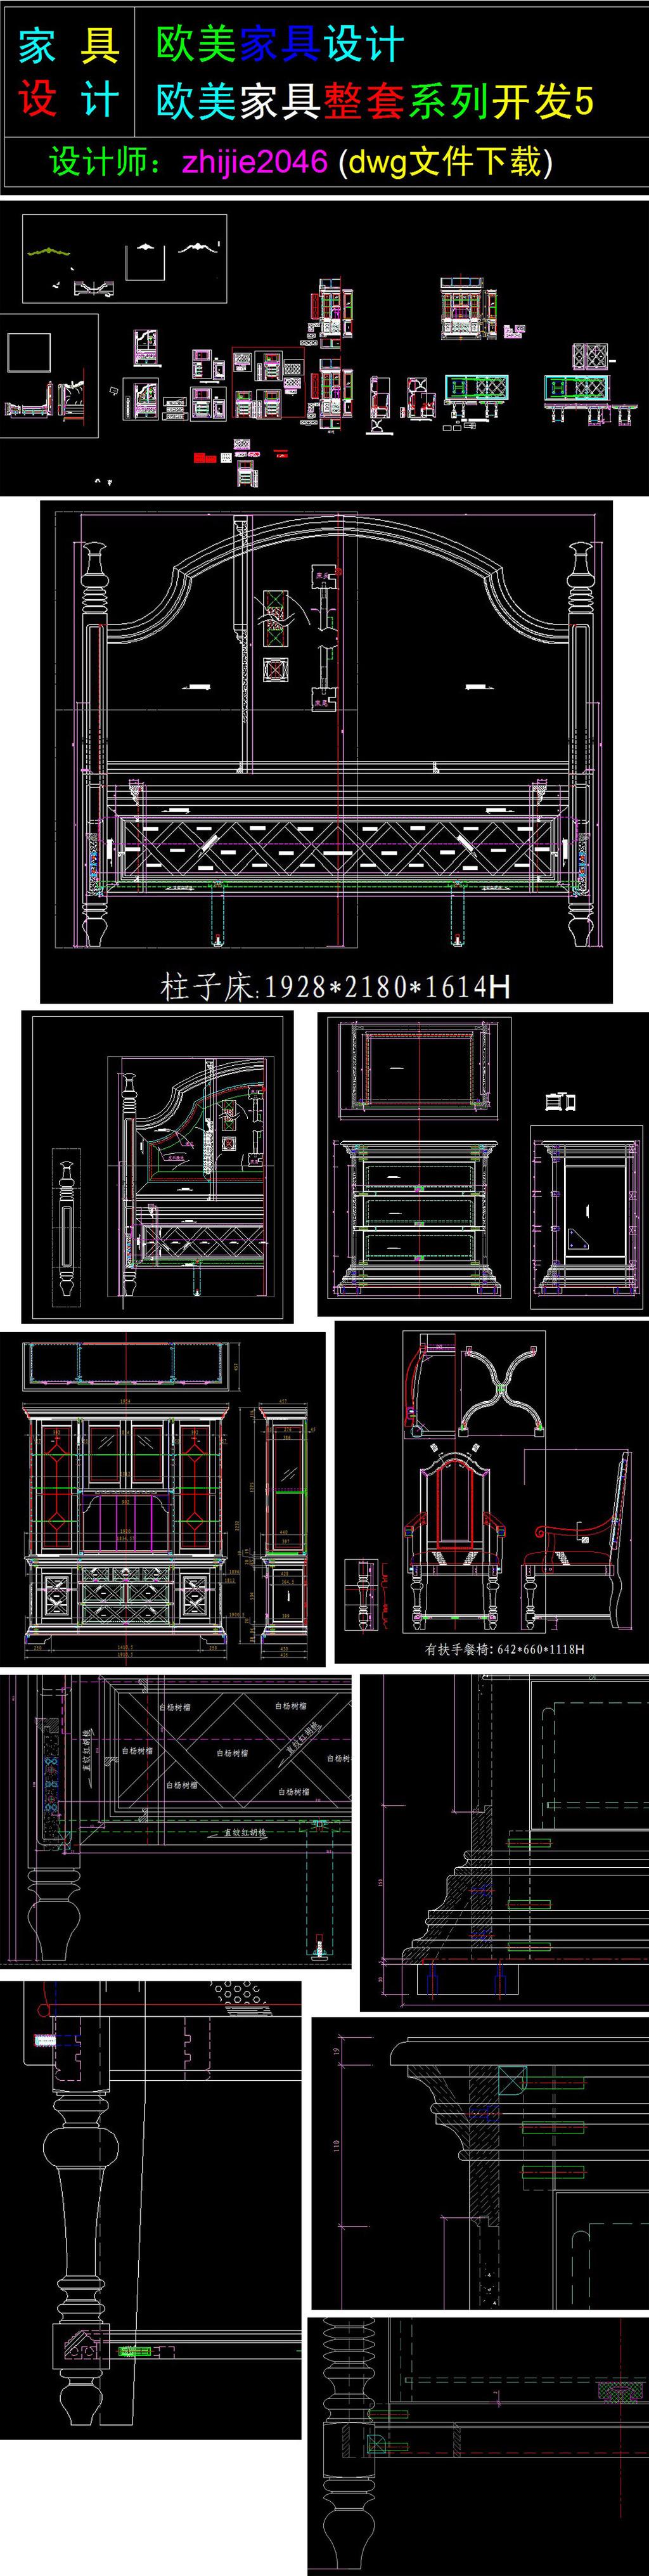 欧式家具整套系列开发5图片下载